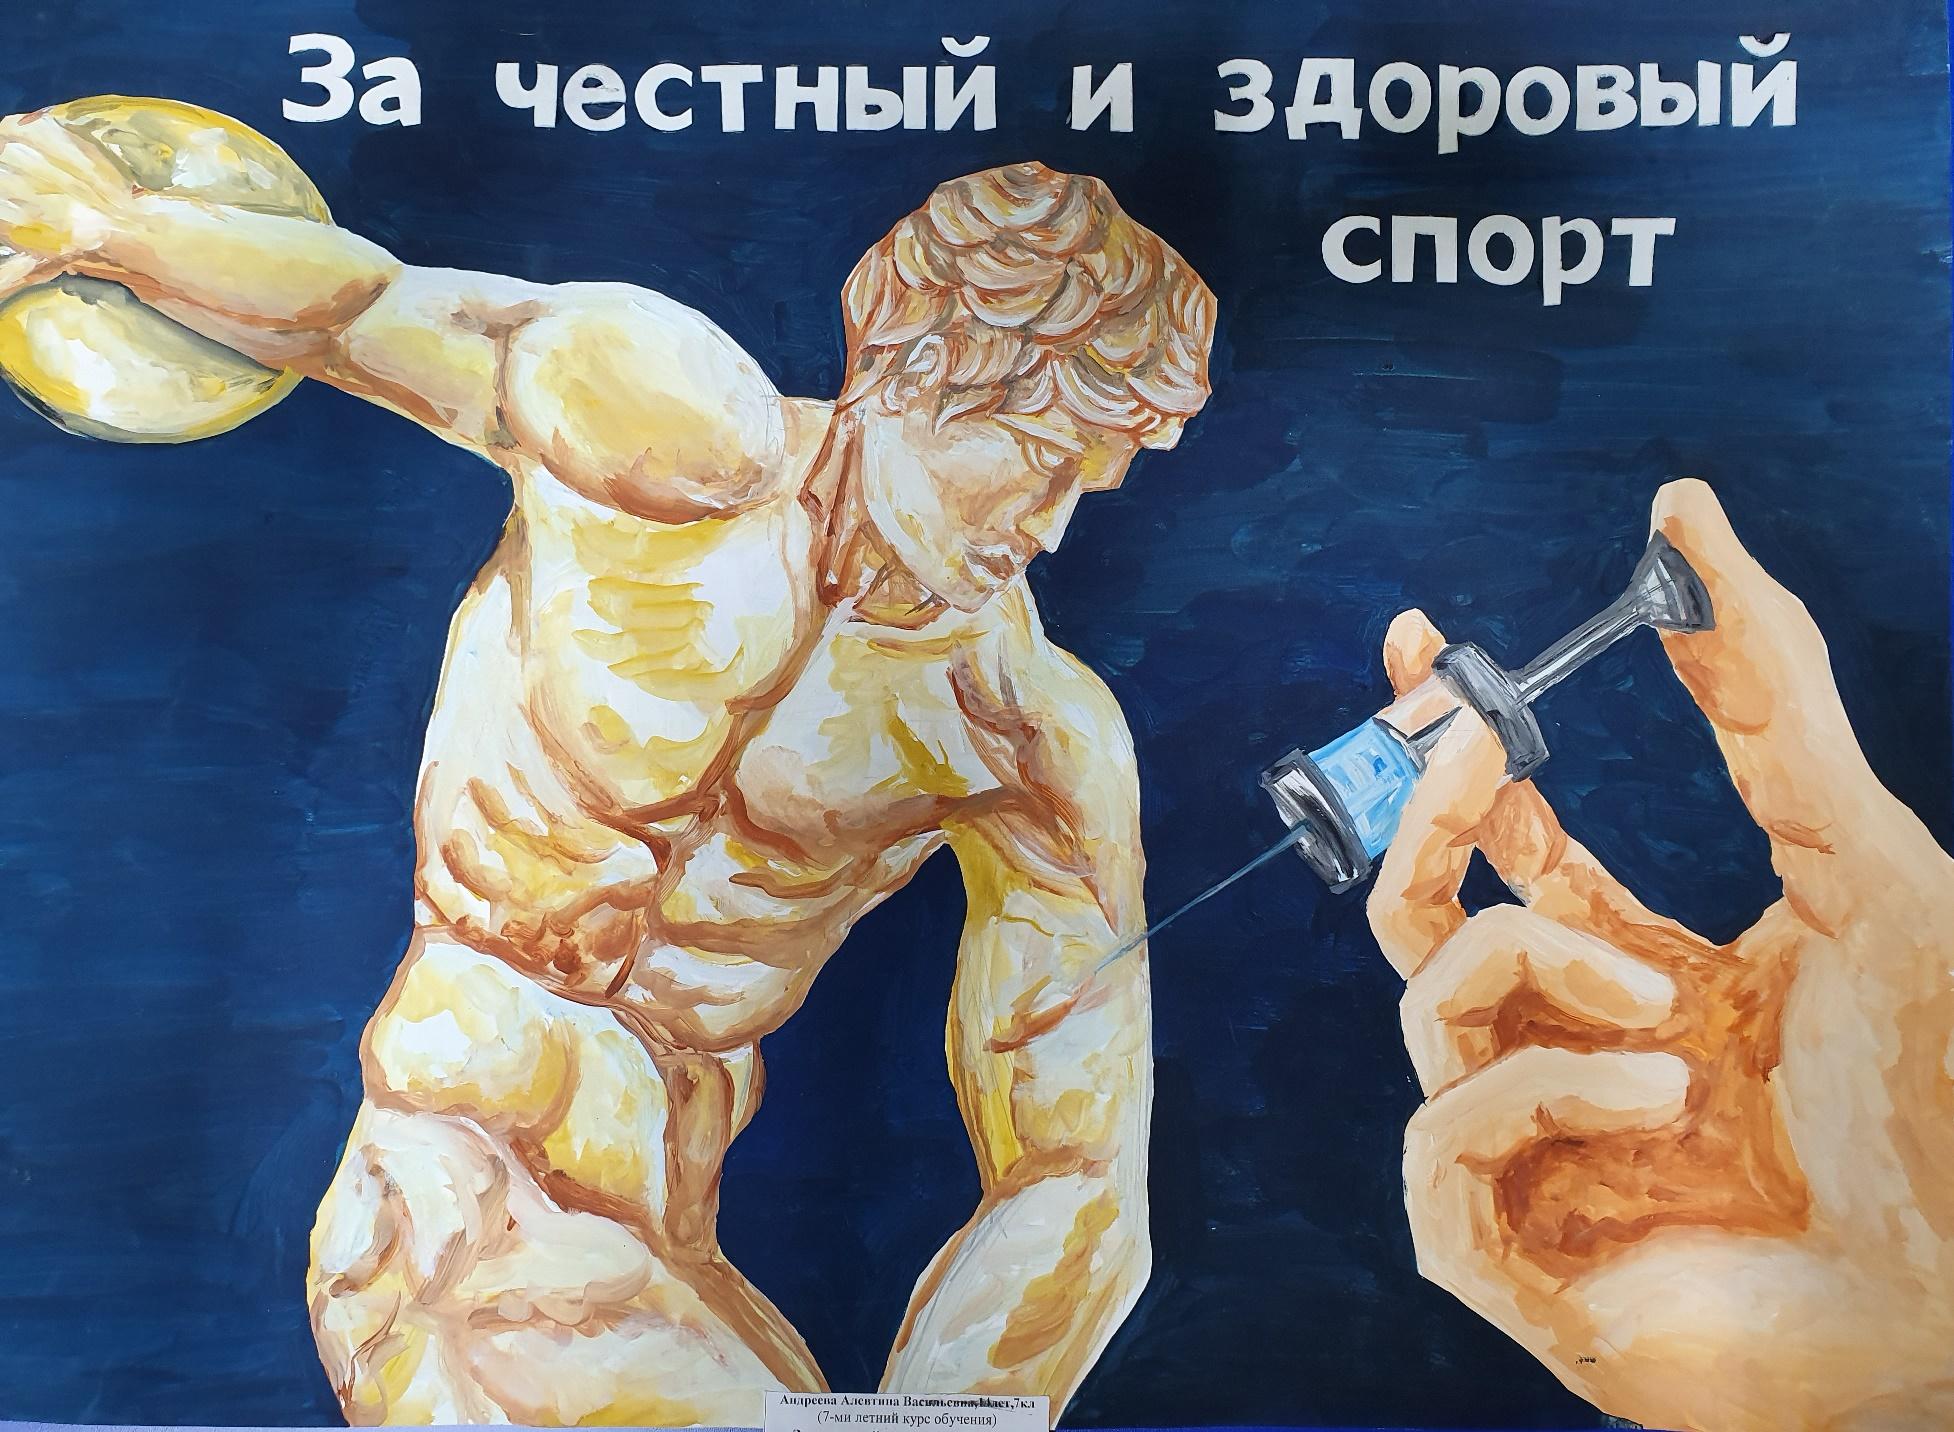 Допинговые скандалы в российском спорте. обвинения и расследования -  биографии и справки - тасс